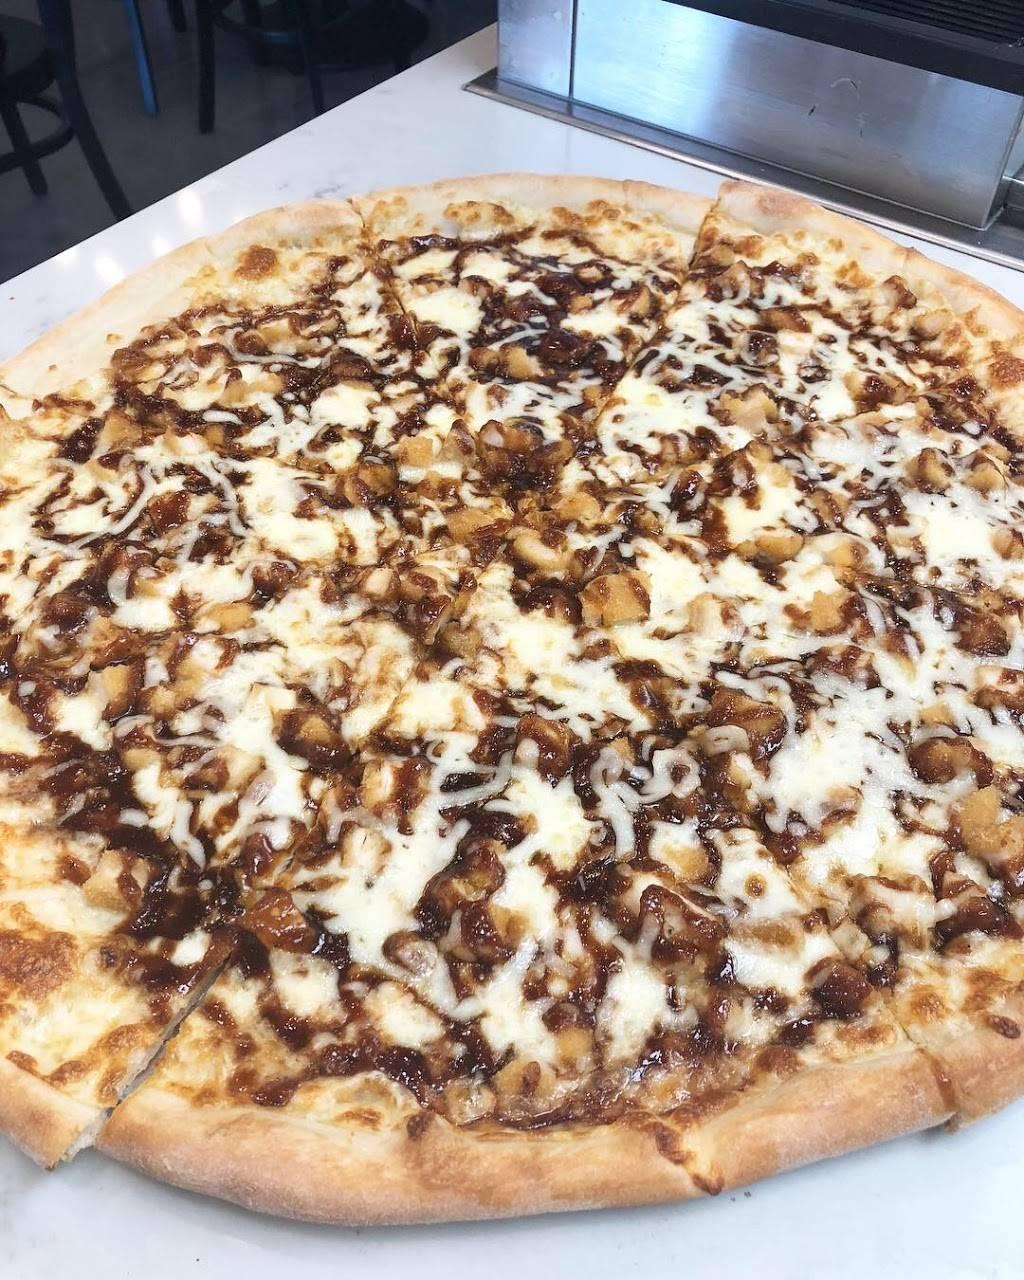 Linwood Pizza | restaurant | 3701, 140 Linwood Dr, Fort Lee, NJ 07024, USA | 2019446789 OR +1 201-944-6789